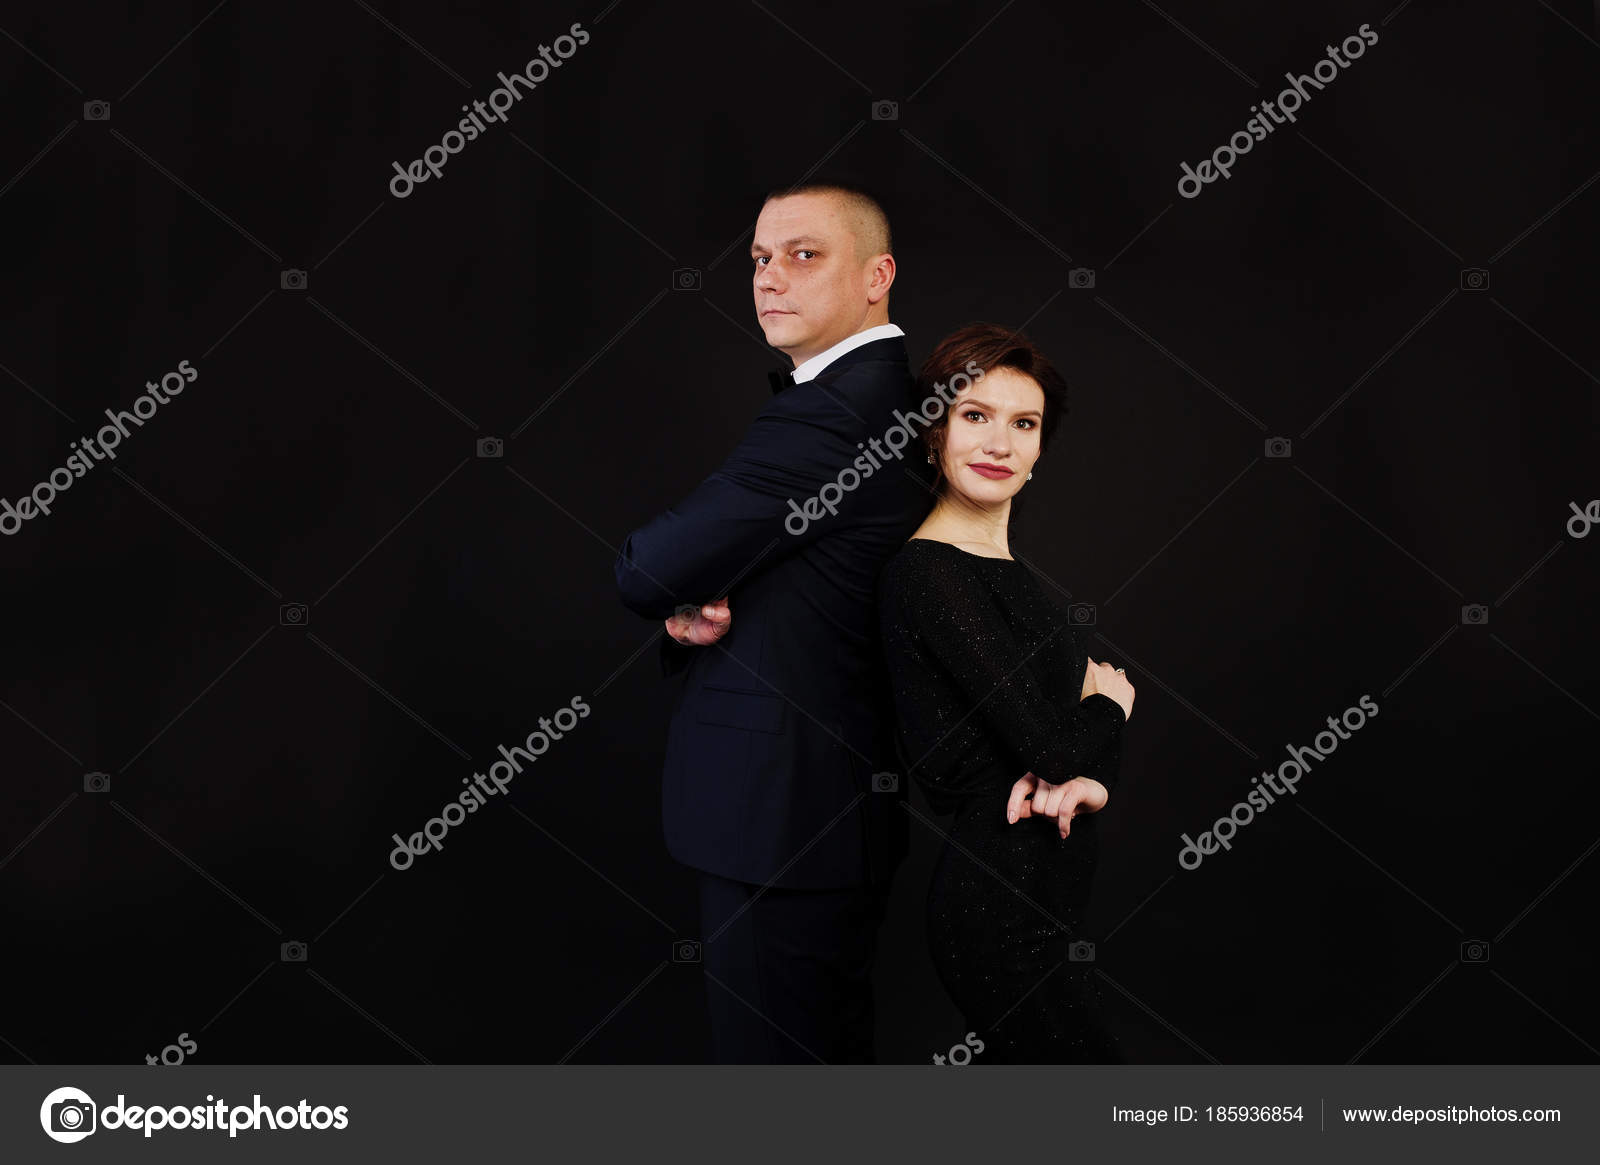 Costume Noire Homme Femme En Robe De Soirée Posée Avec D'élégance 4R5jc3LqA